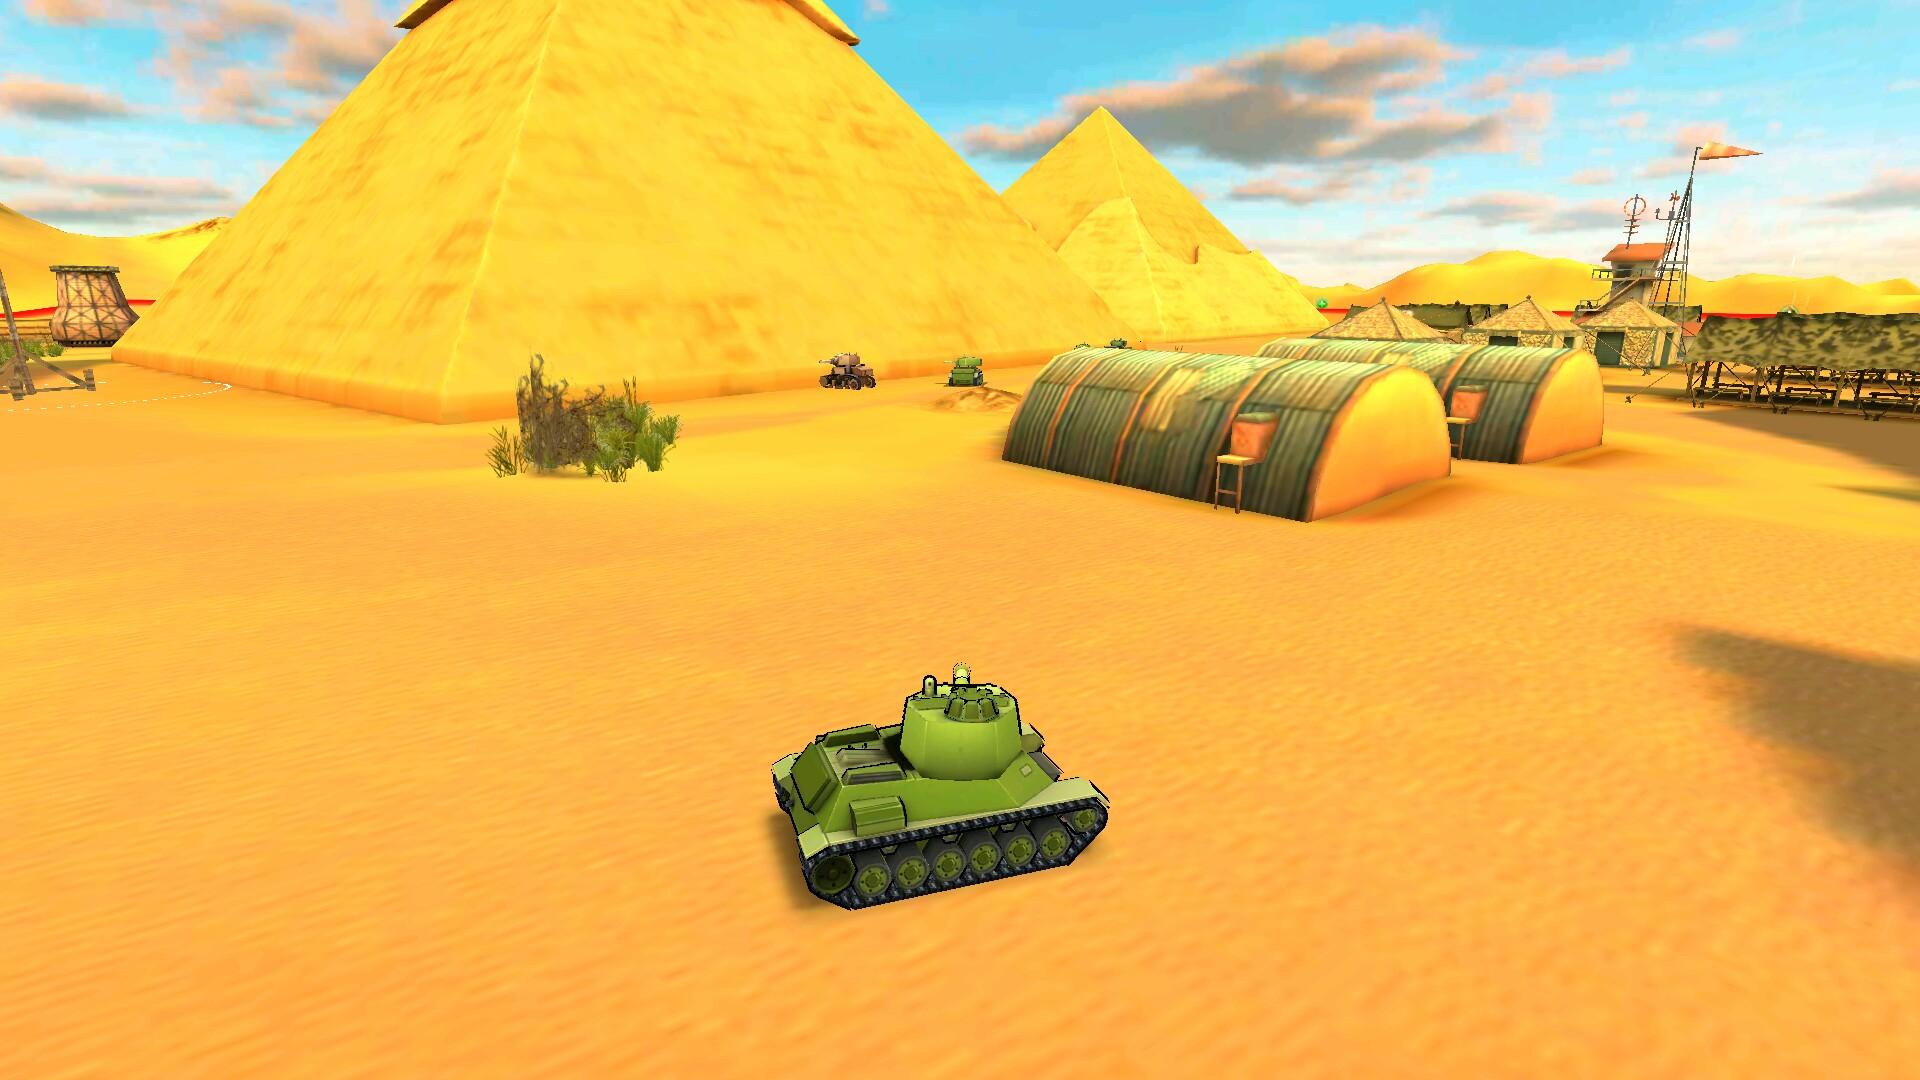 《装甲联盟》游戏截图UI欣赏53